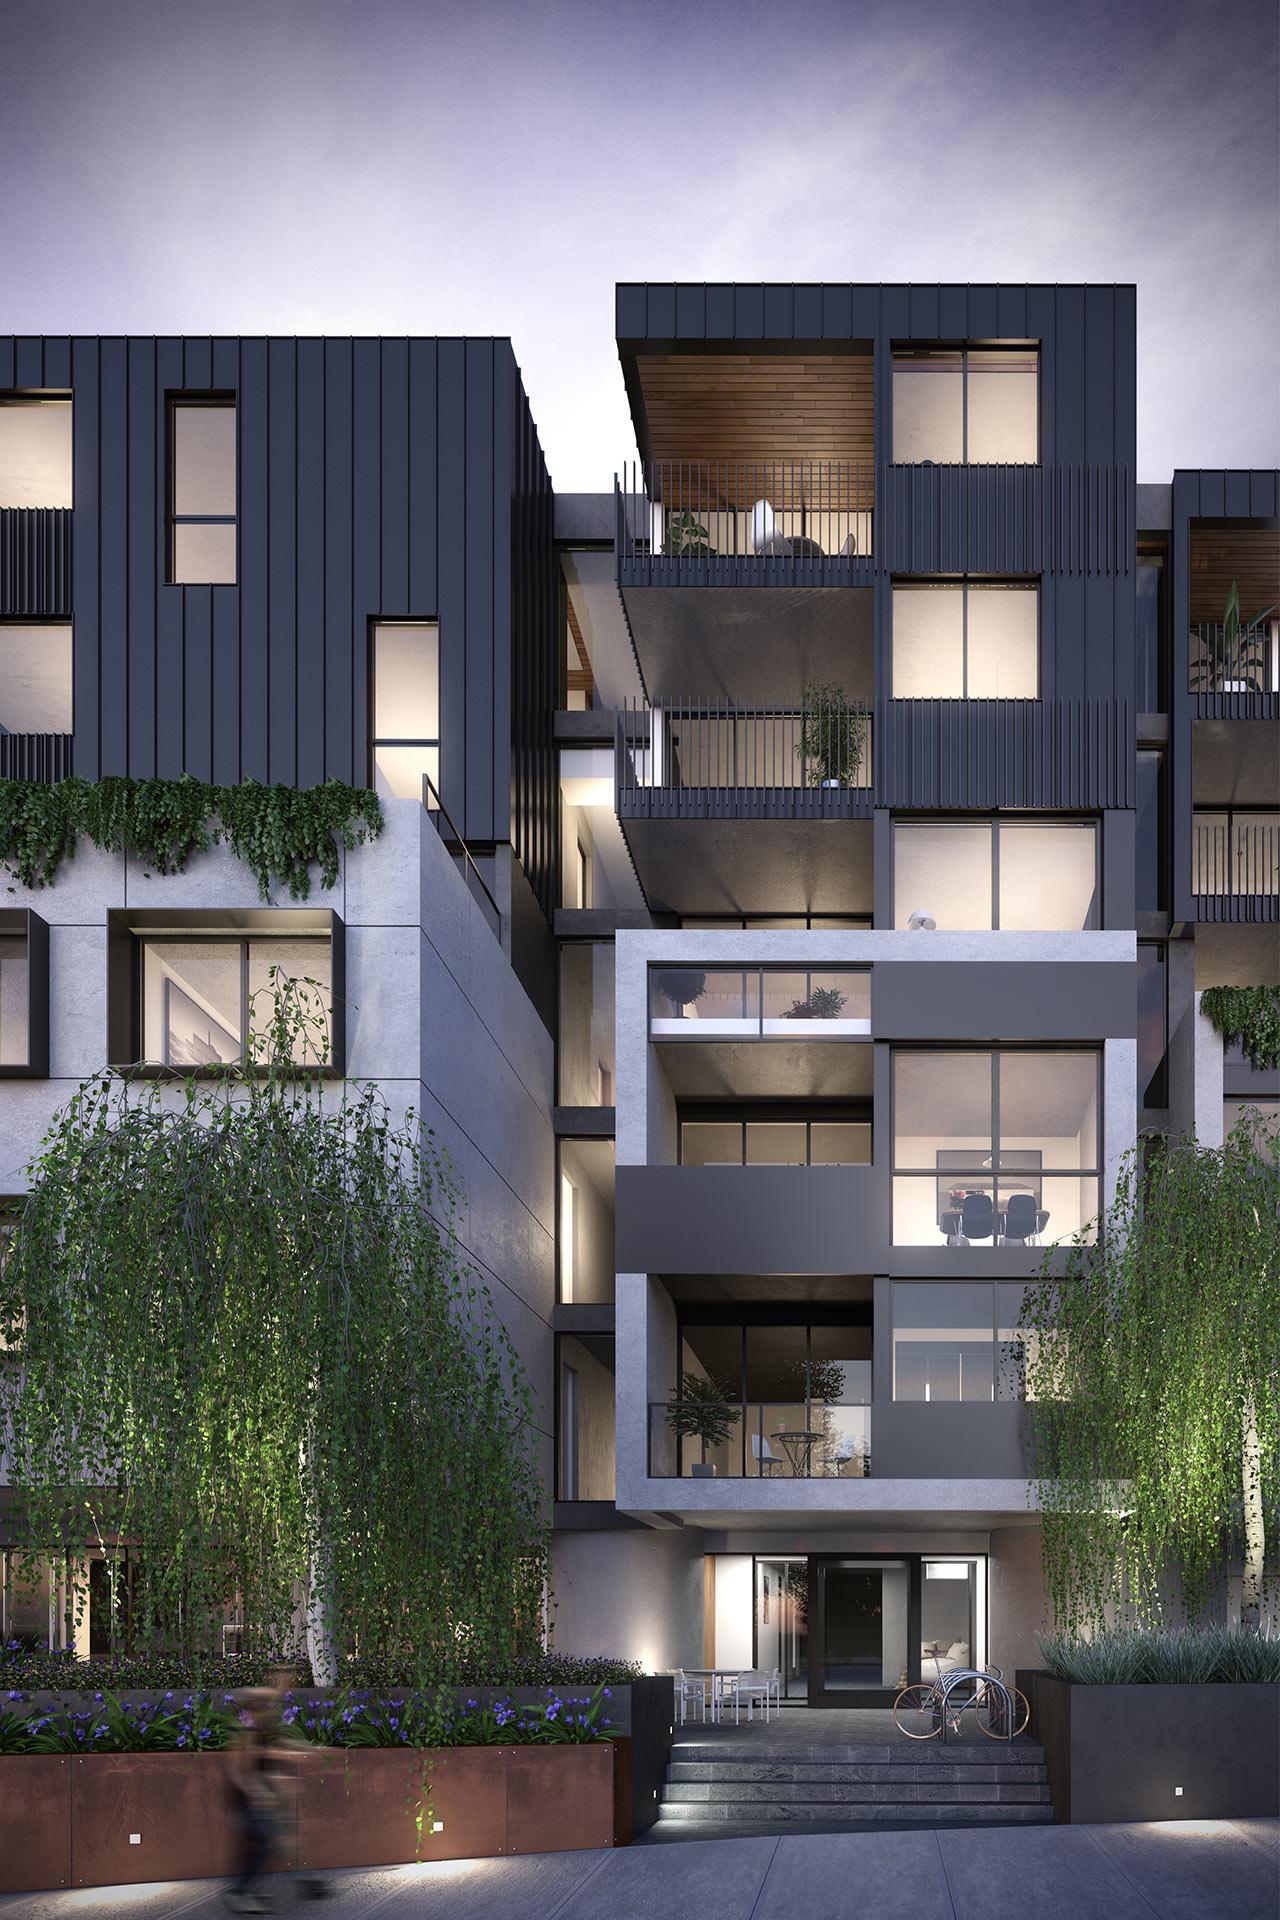 https://jamarchitects.com.au/wp-content/uploads/2021/08/JAM-Projects-Montvue02-1280x1920-1.jpg